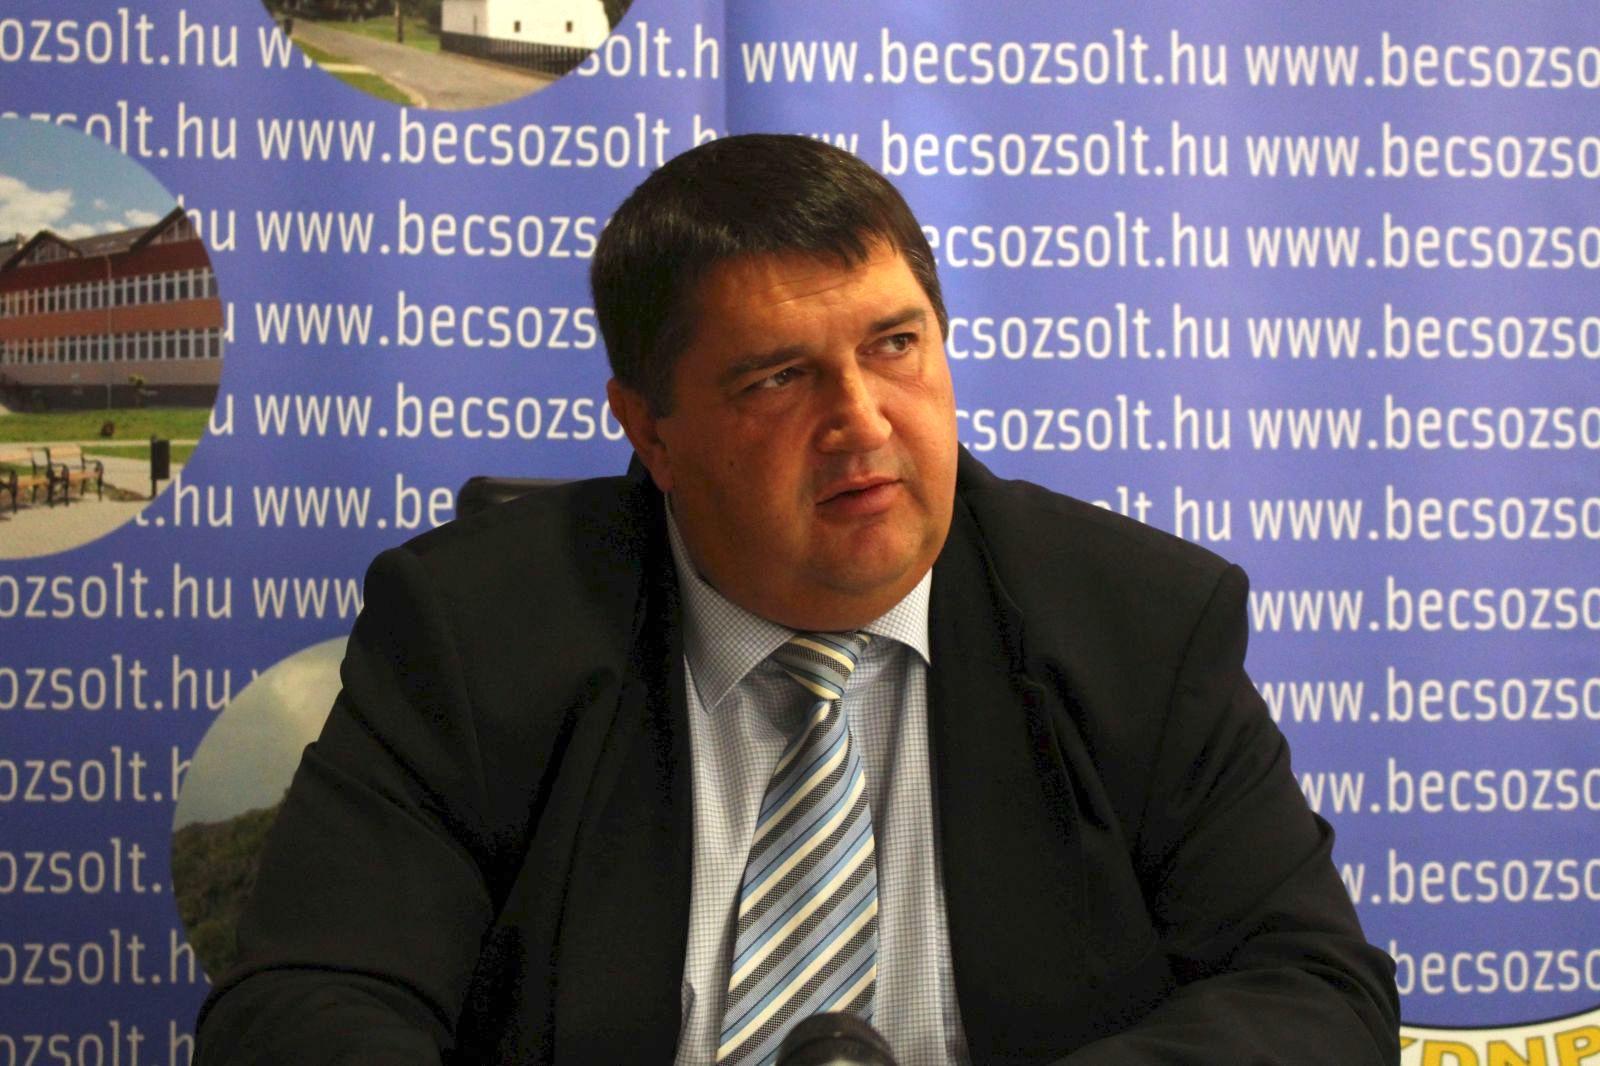 Becsó Zsolt azt állítja, hogy már eladta az engedélynélküli szállodát üzemeltető cégét